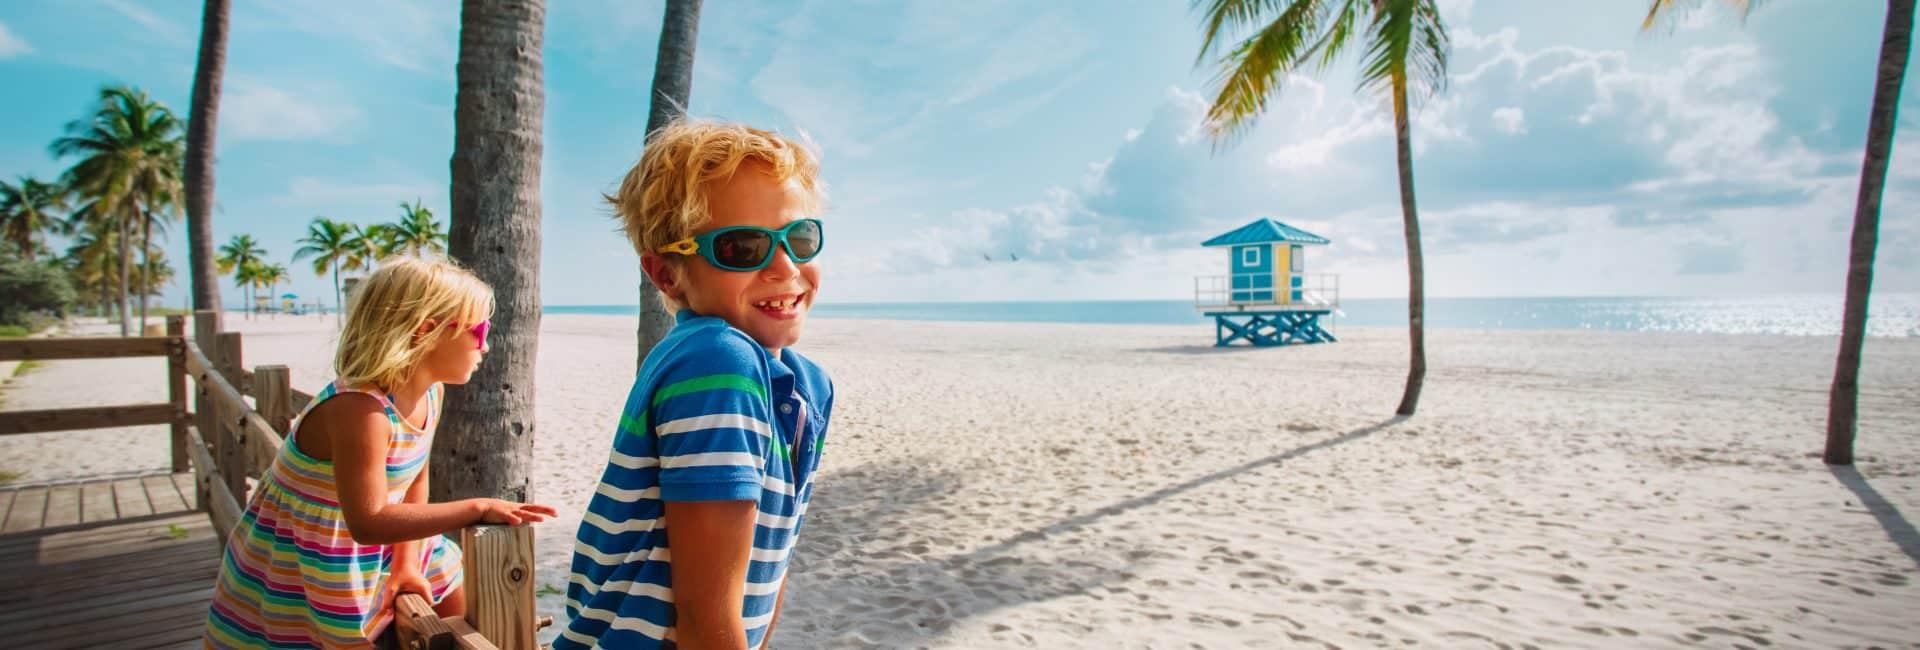 Glad dreng og pige på stranden i Florida i USA